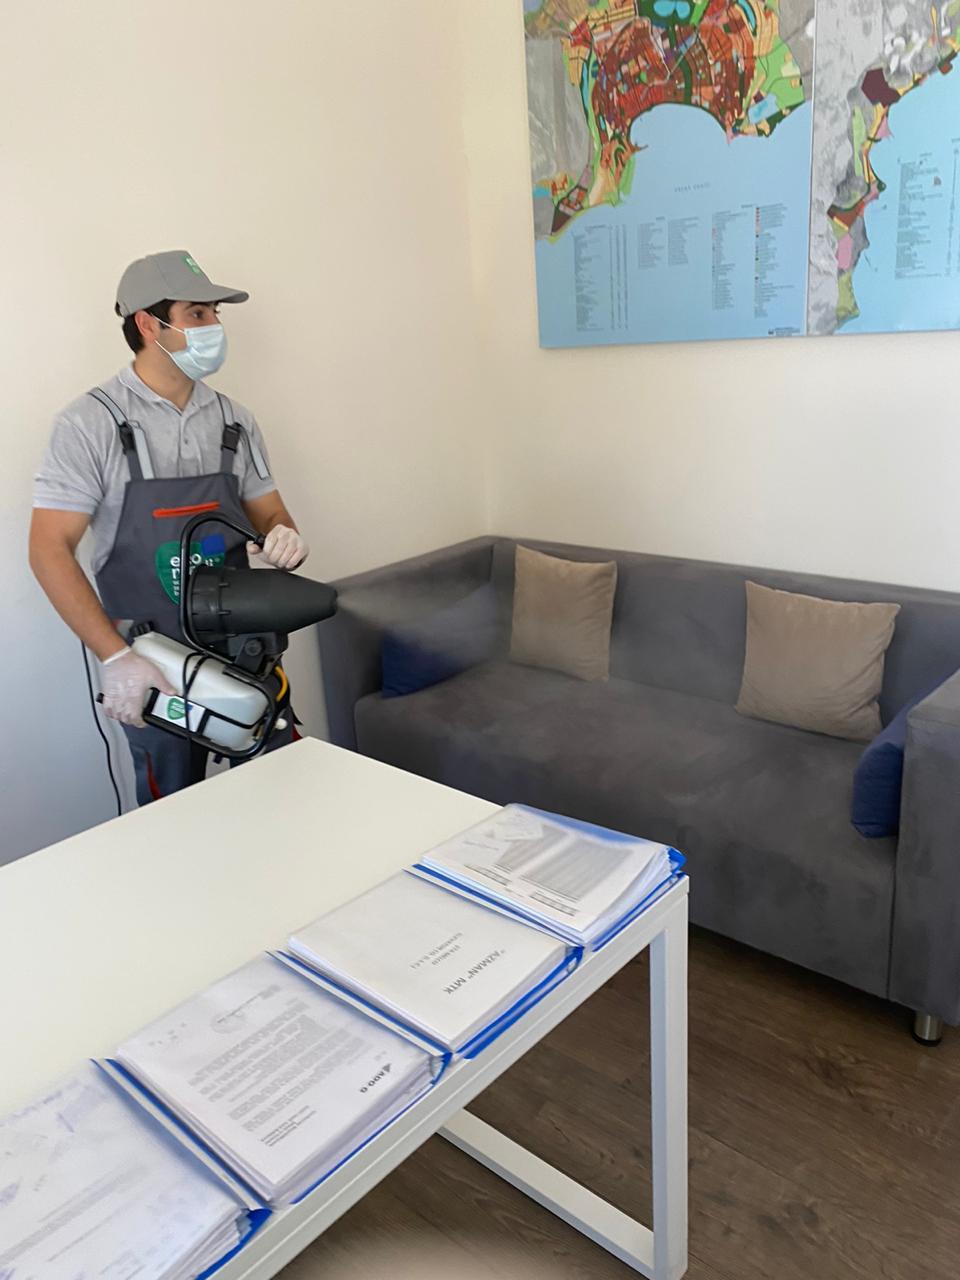 AS İnşaat - Sağlamlıq təmizlikdən başlayır - EcoMedi MMC dezinfeksiya, dezinseksiya, deratizasiya, fumiqasiya işlərinin həyata keçirilməsi üzrə qabaqcıl şirkətdir.